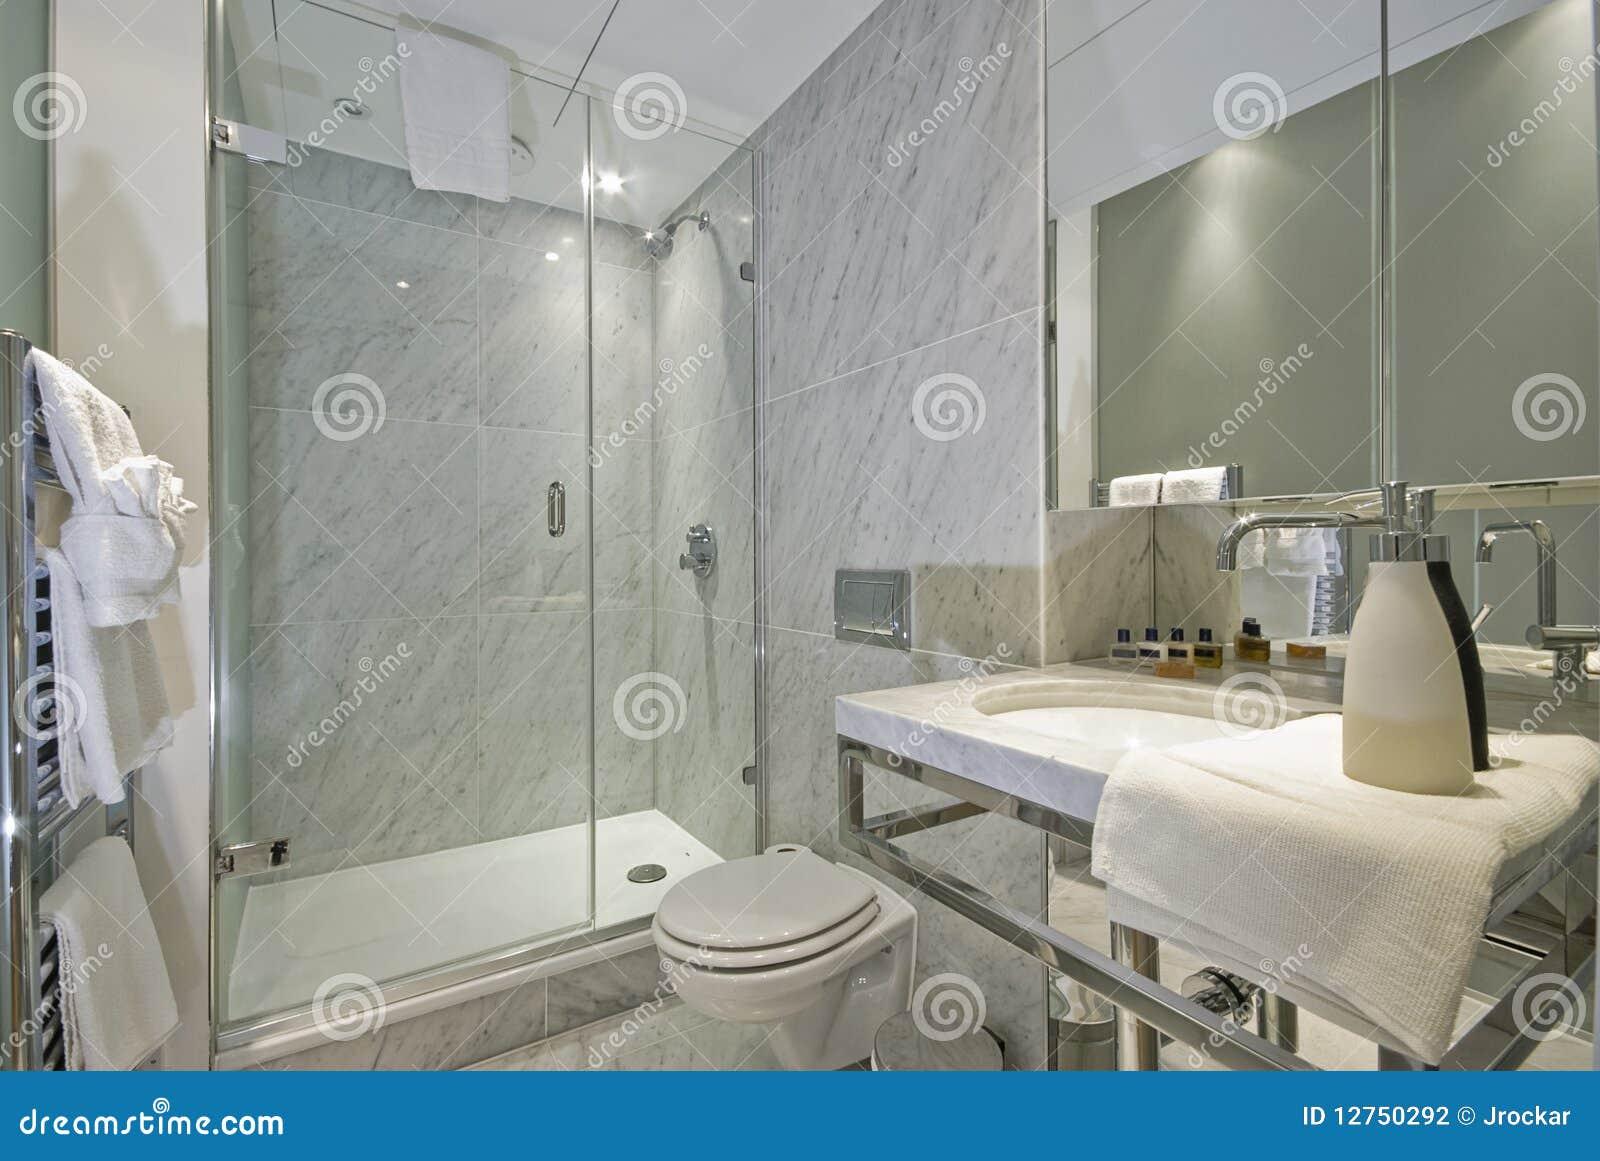 Stanza da bagno di marmo fotografia stock immagine di elemento 12750292 - Stanza da bagno ...